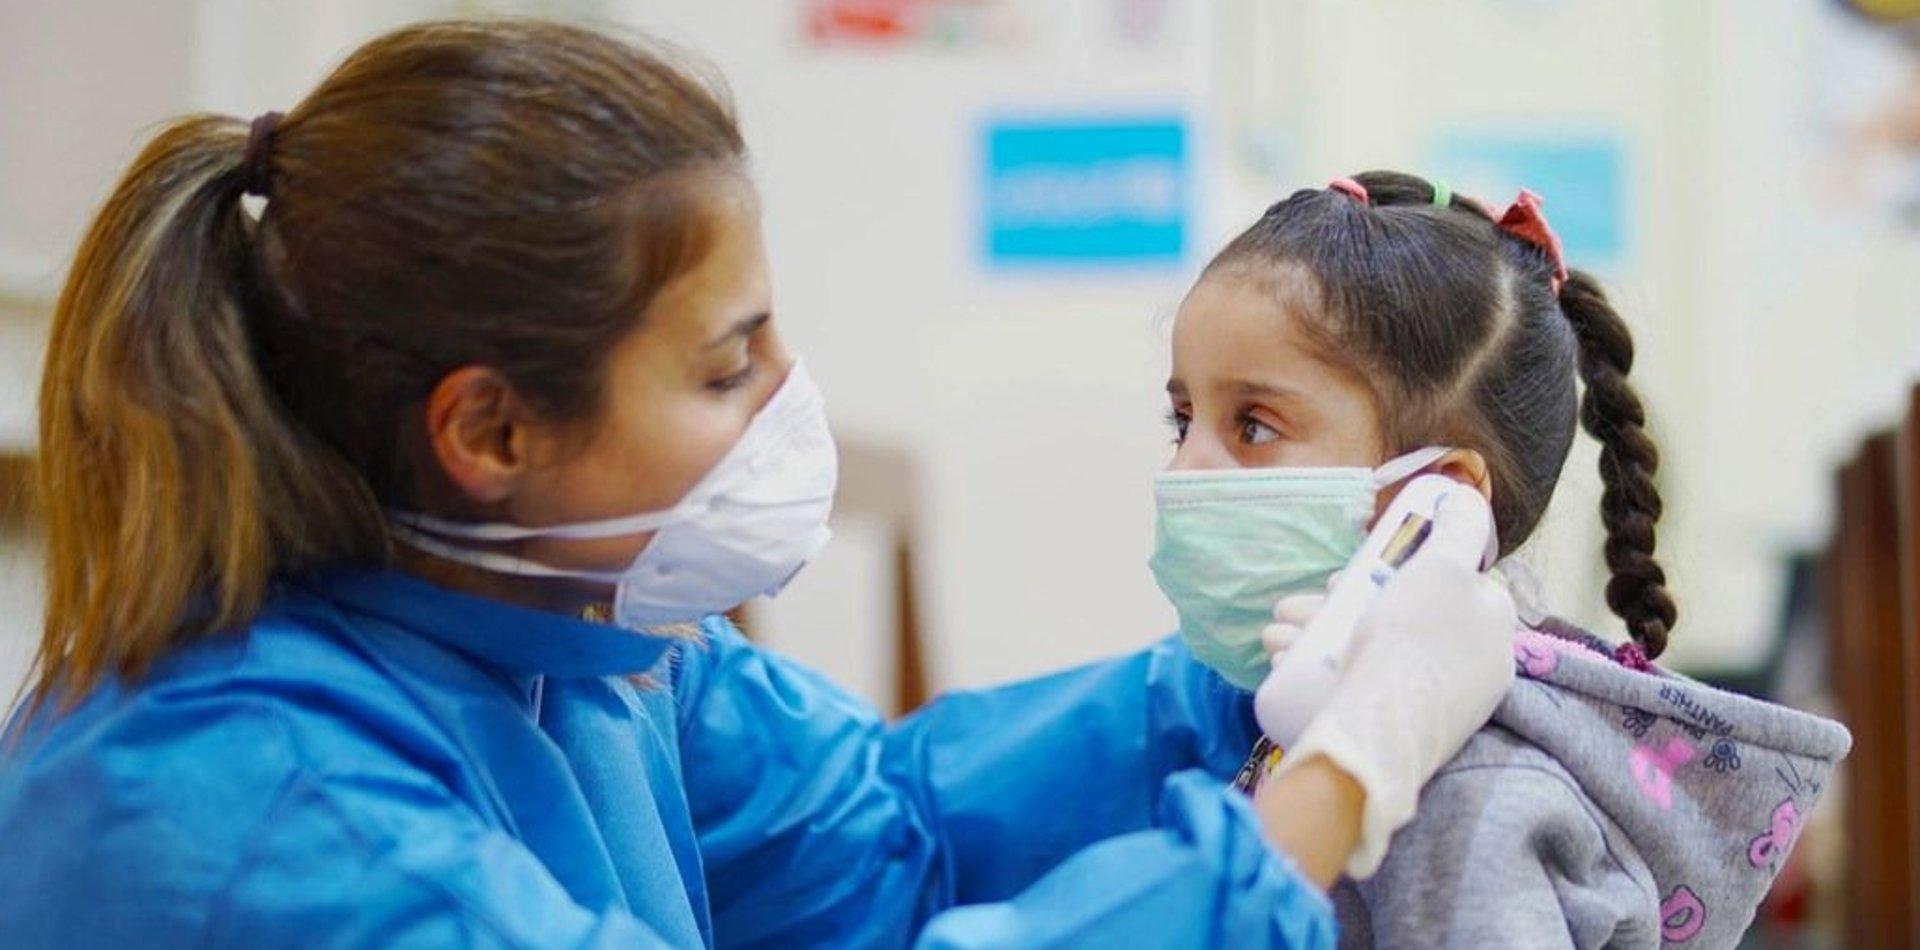 Durante la pandemia murieron 69 chicos y se contagiaron 8.080 con coronavirus en Argentina